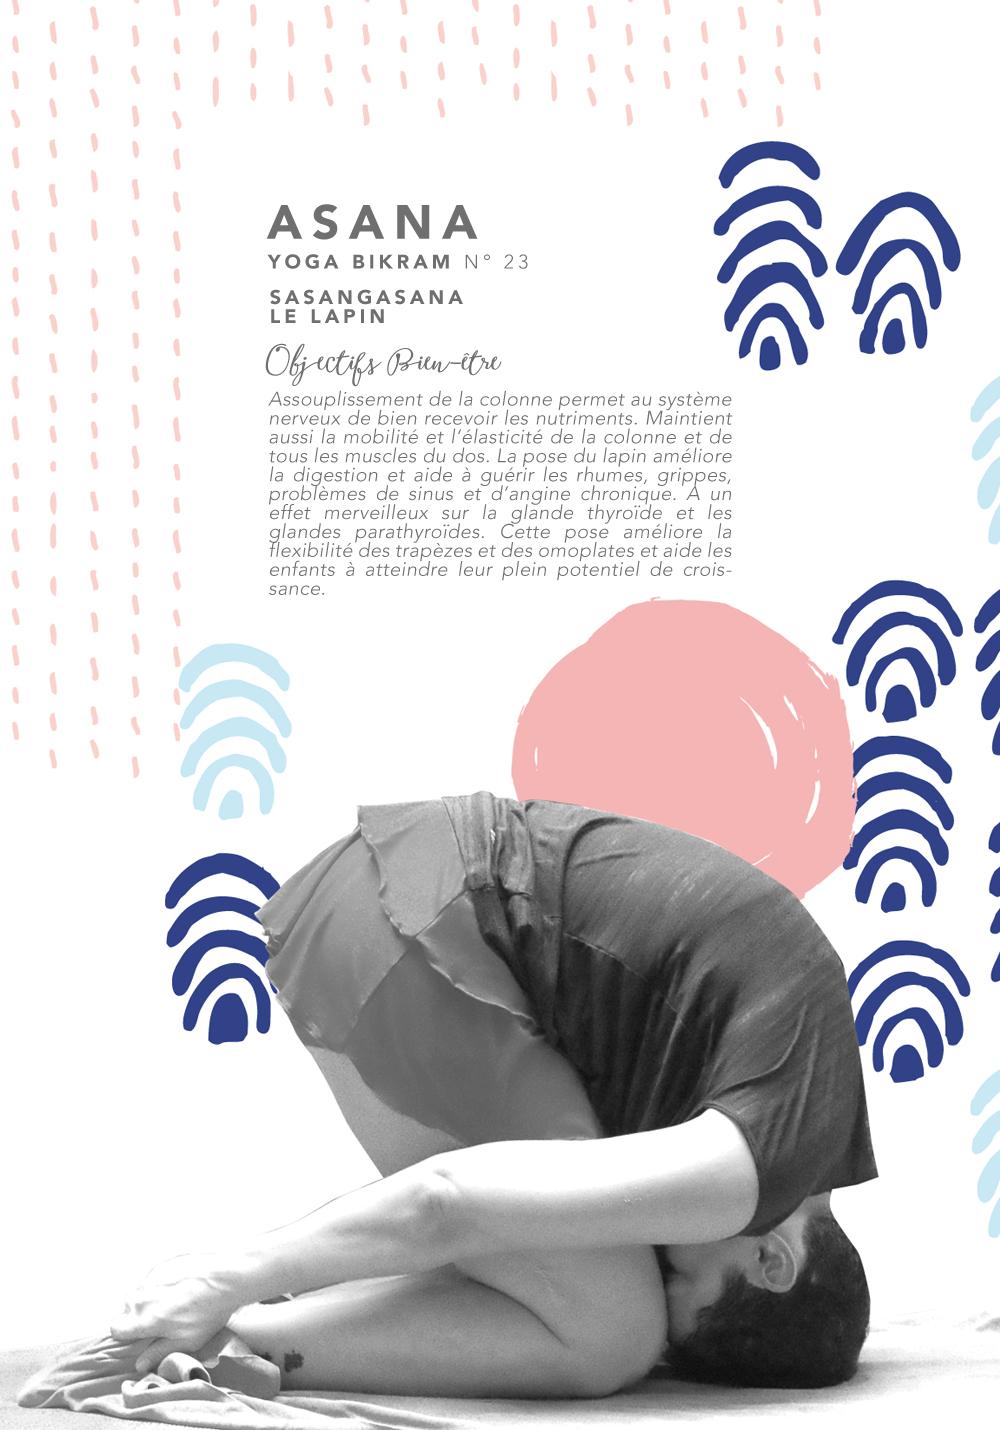 Air Chic Design:disque externe:EXOChic:1 -POSTS:1 - ARTICLES:2018:01- JANVIER:04 Yoga Bikram:visuel blog:yoga bikram exochic 5.jpg